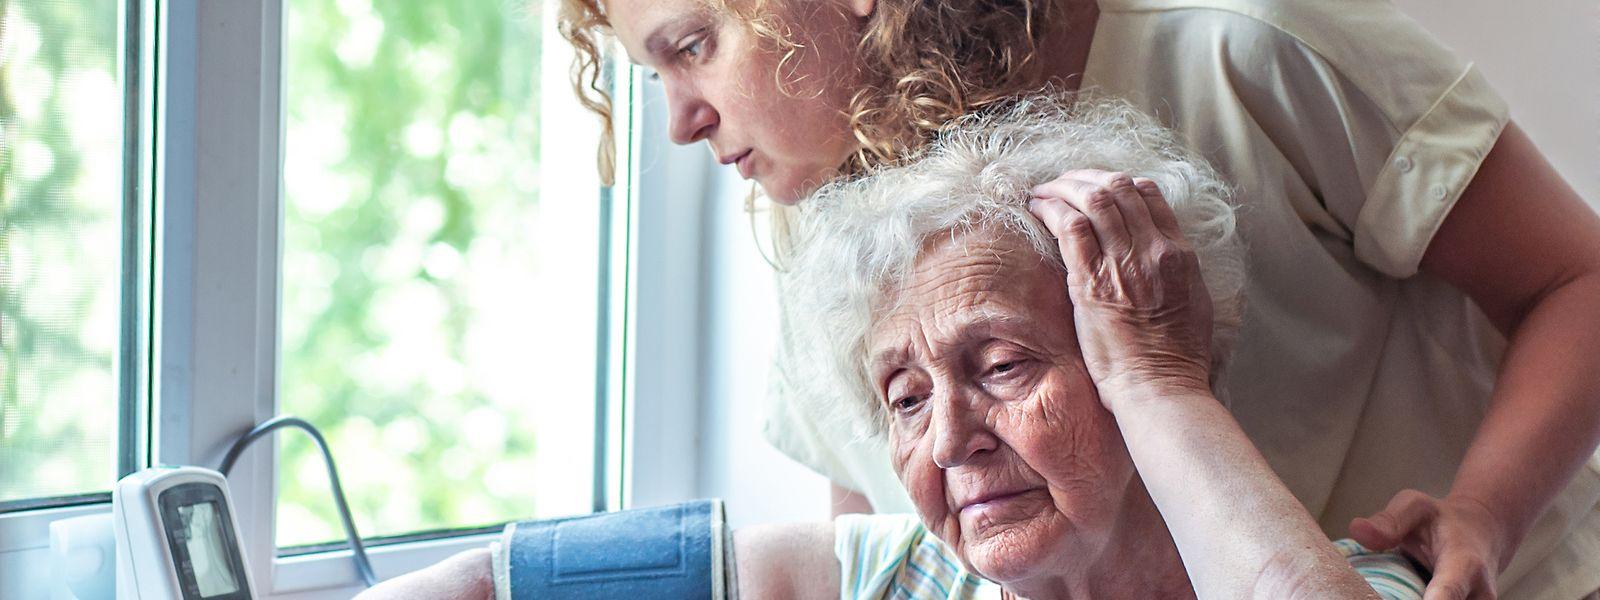 Die Angestellten in Alten- und Pflegeheimen müssen strenge Maßnahmen ergreifen und die Vitalwerte der Bewohner besonders gut im Auge behalten.